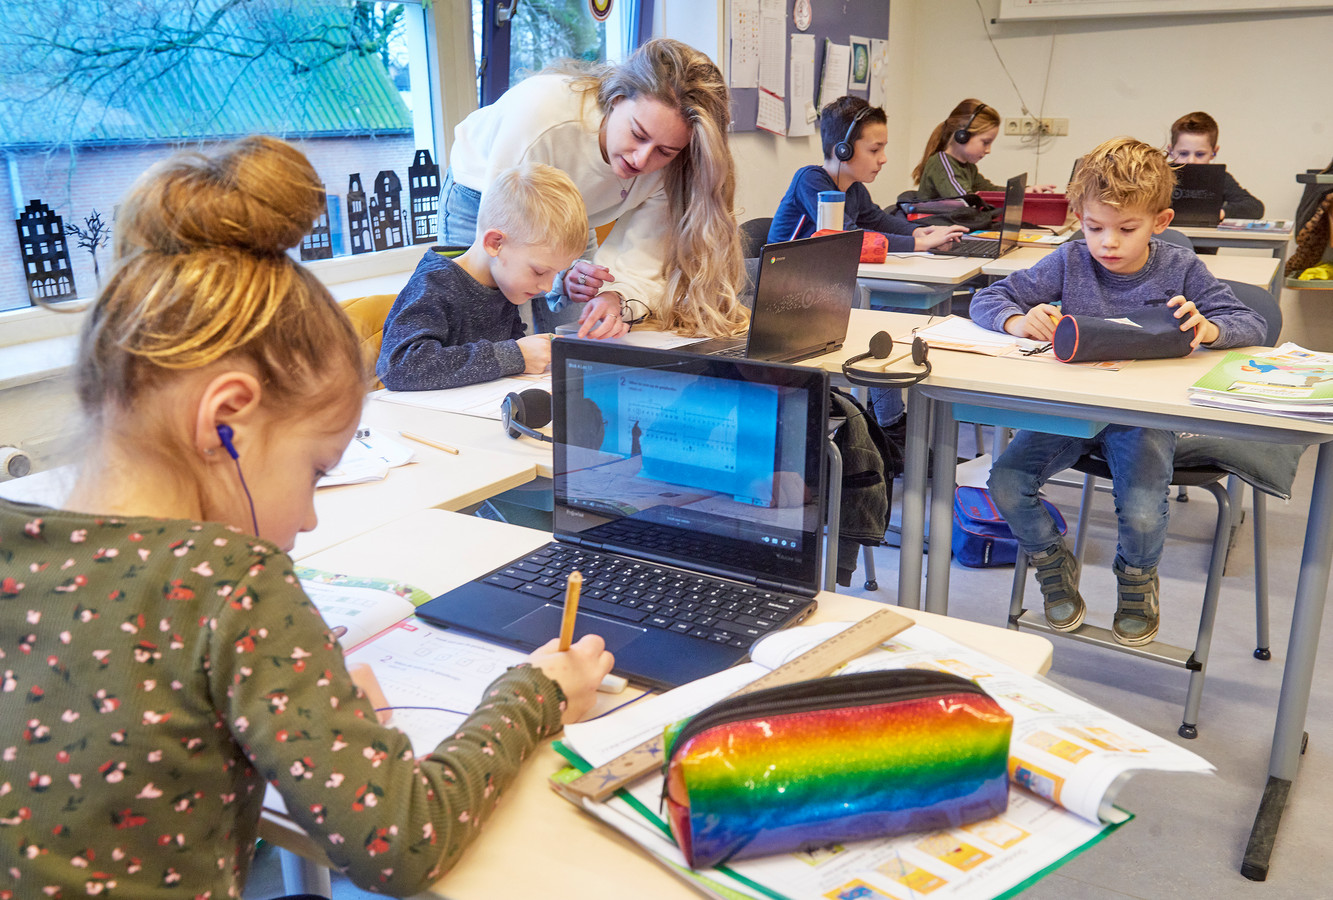 Basisschool 't Palet in Heeswijk-Dinther (onderdeel van Novum), eerder dit jaar toen juf Carmen Bissels diverse kinderen (groep 3 tot en met 8) in de noodopvang had. De scholen waren toen niet open voor alle kinderen.